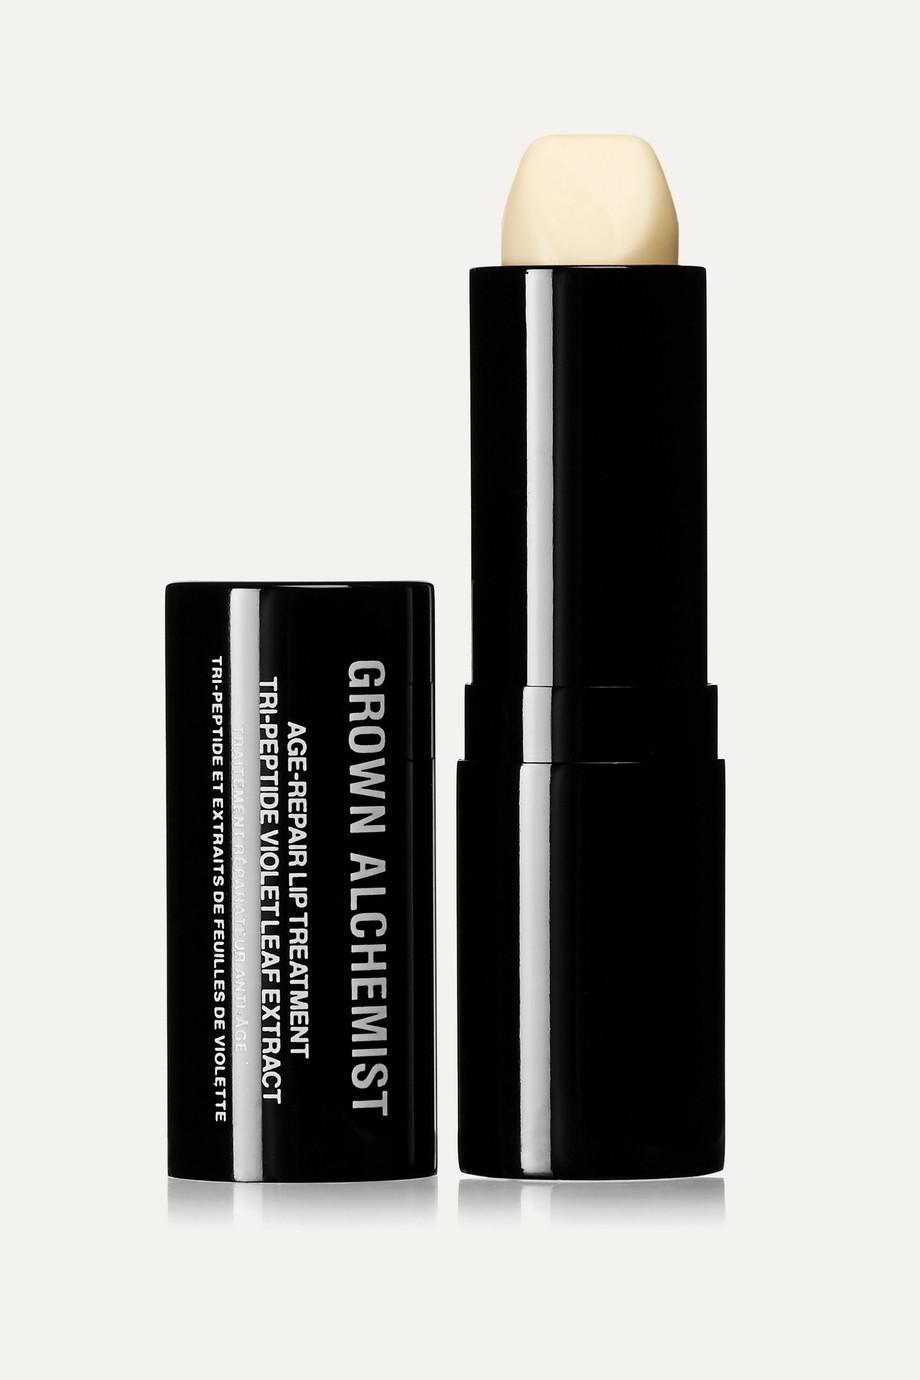 Grown Alchemist Soin anti-âge pour les lèvres